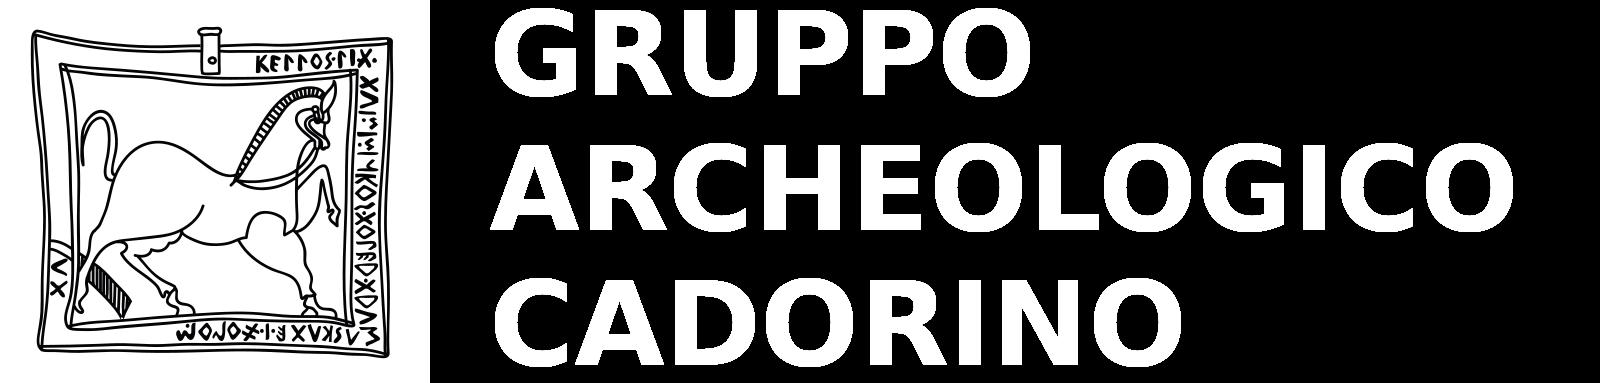 Gruppo Archeologico Cadorino